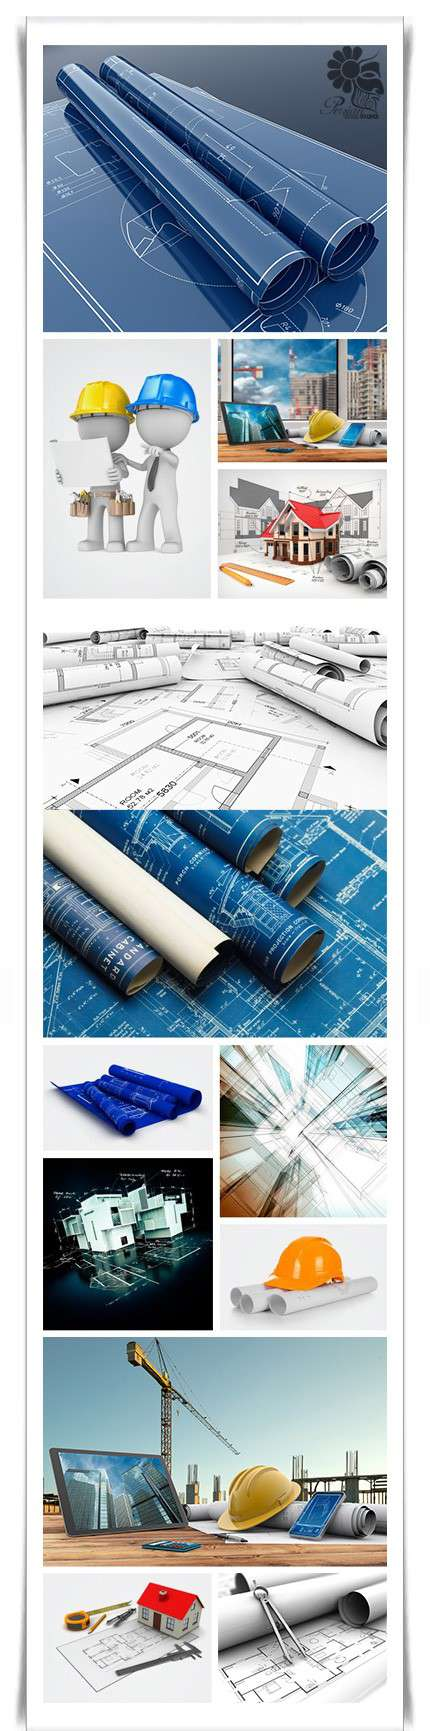 تصویر استوک نقشه معماری